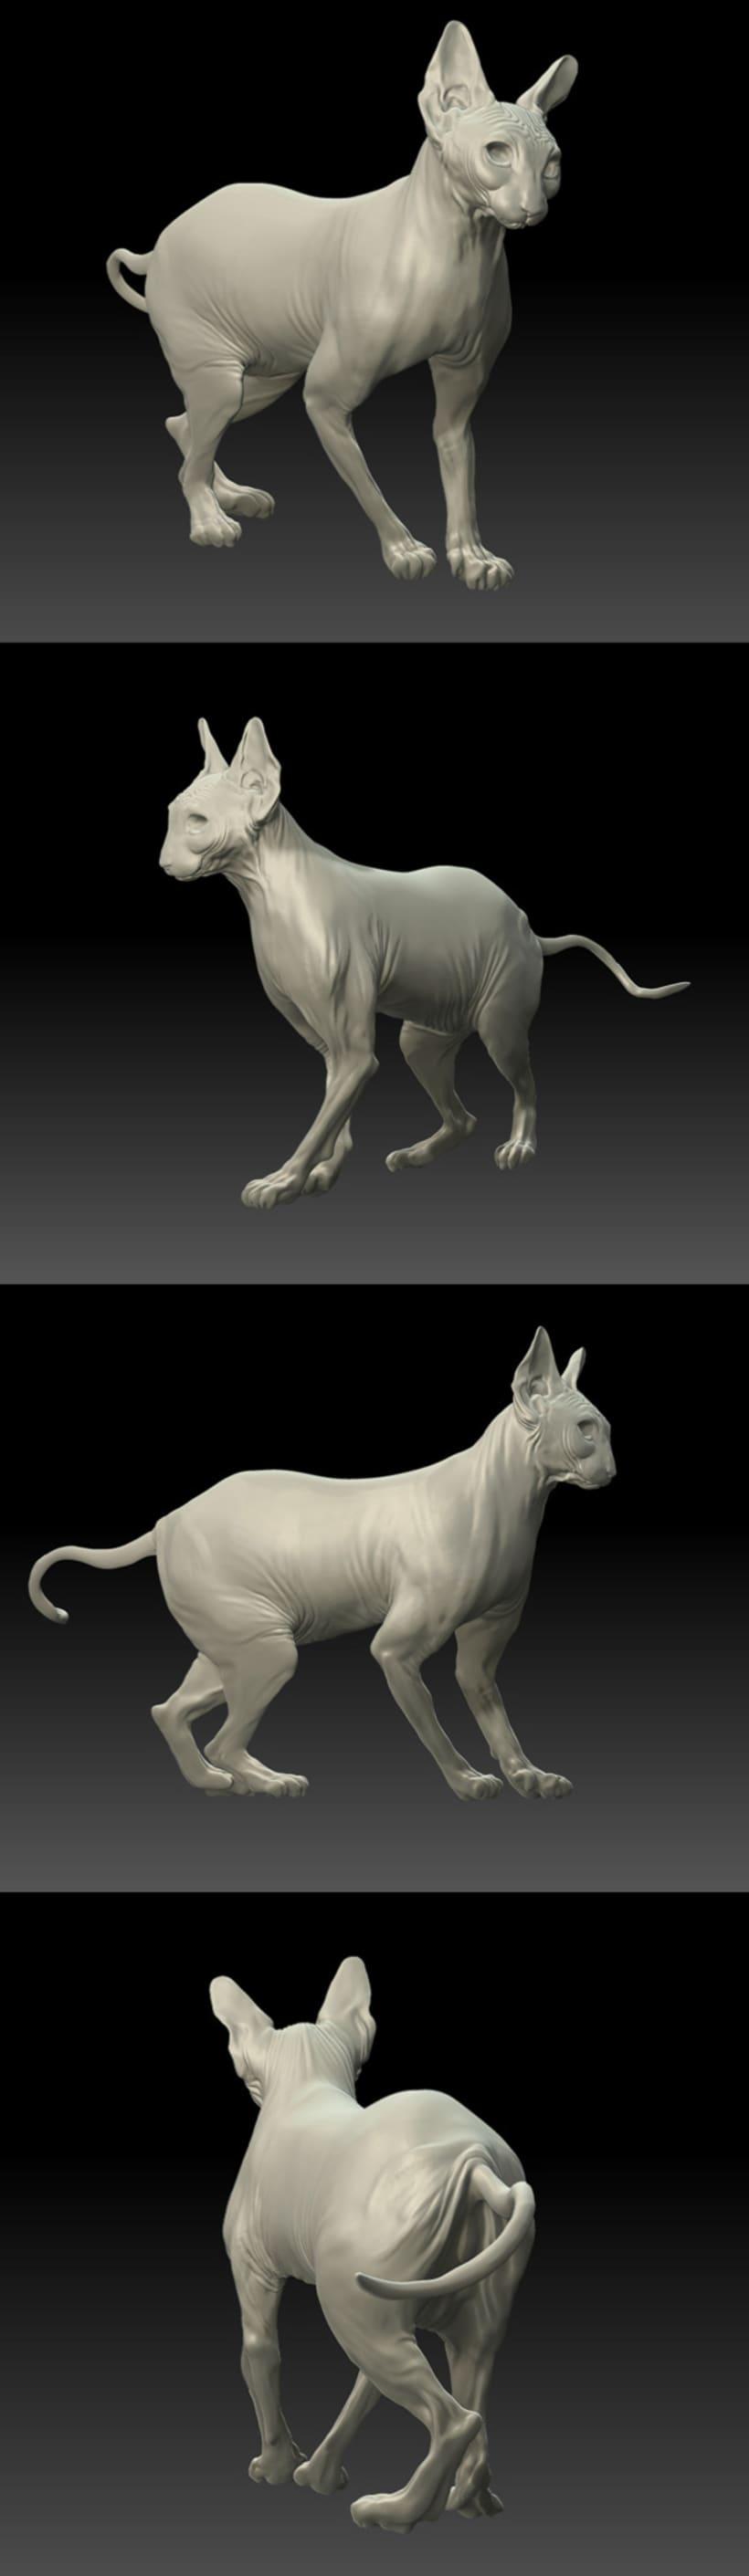 WIP. Escultura digital, gato esfinge 0